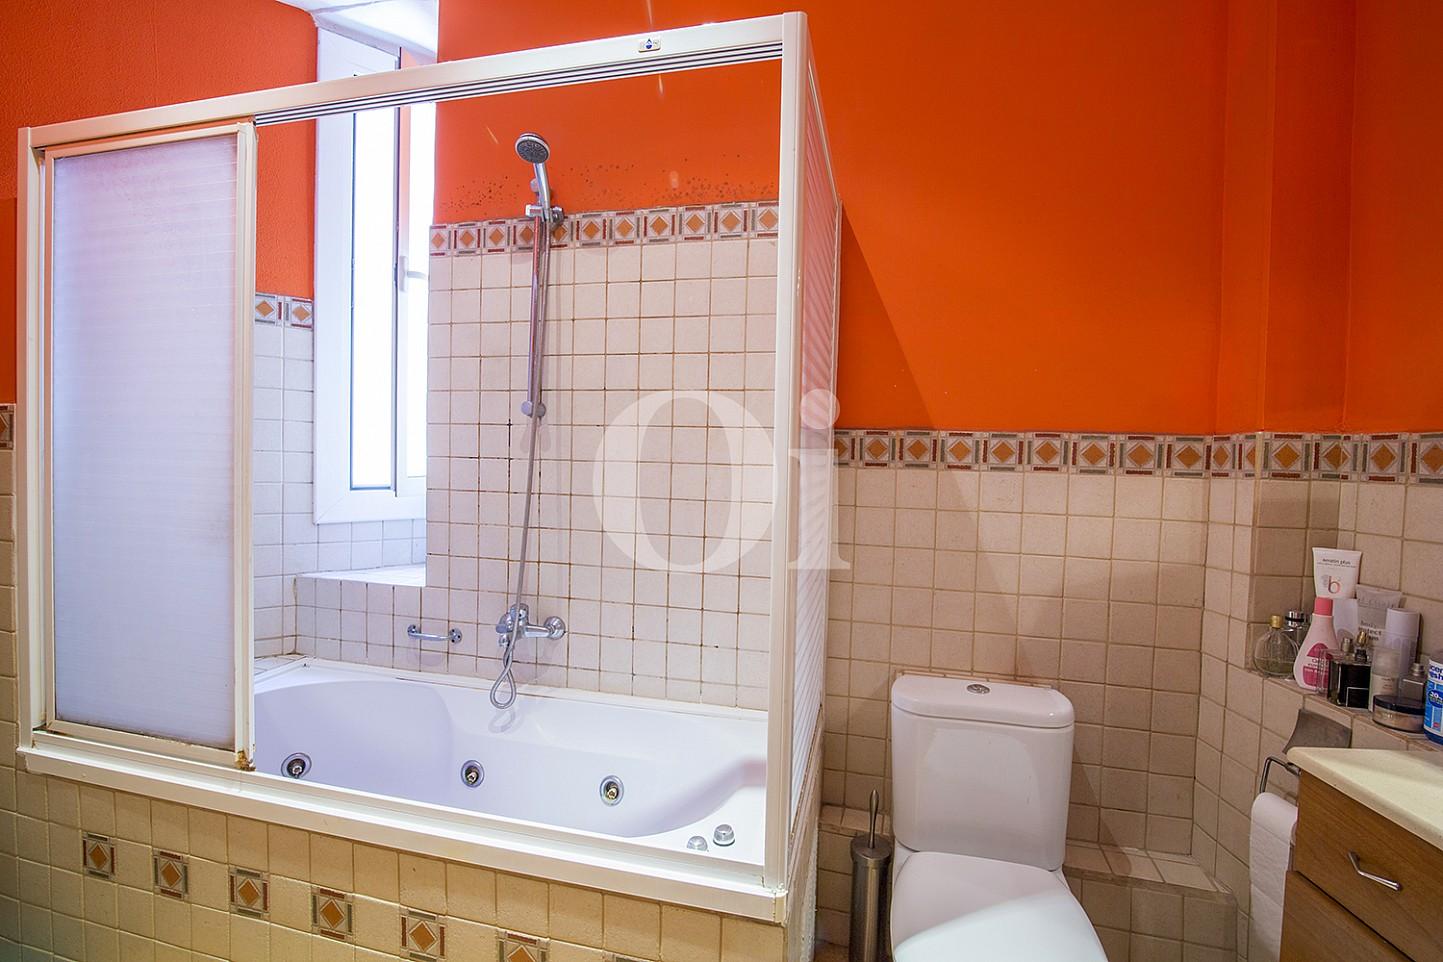 Exclusivo baño completo con plato de ducha, bañera  y aseo en magnifico piso en venta ubicado en El Gotic, Barcelona